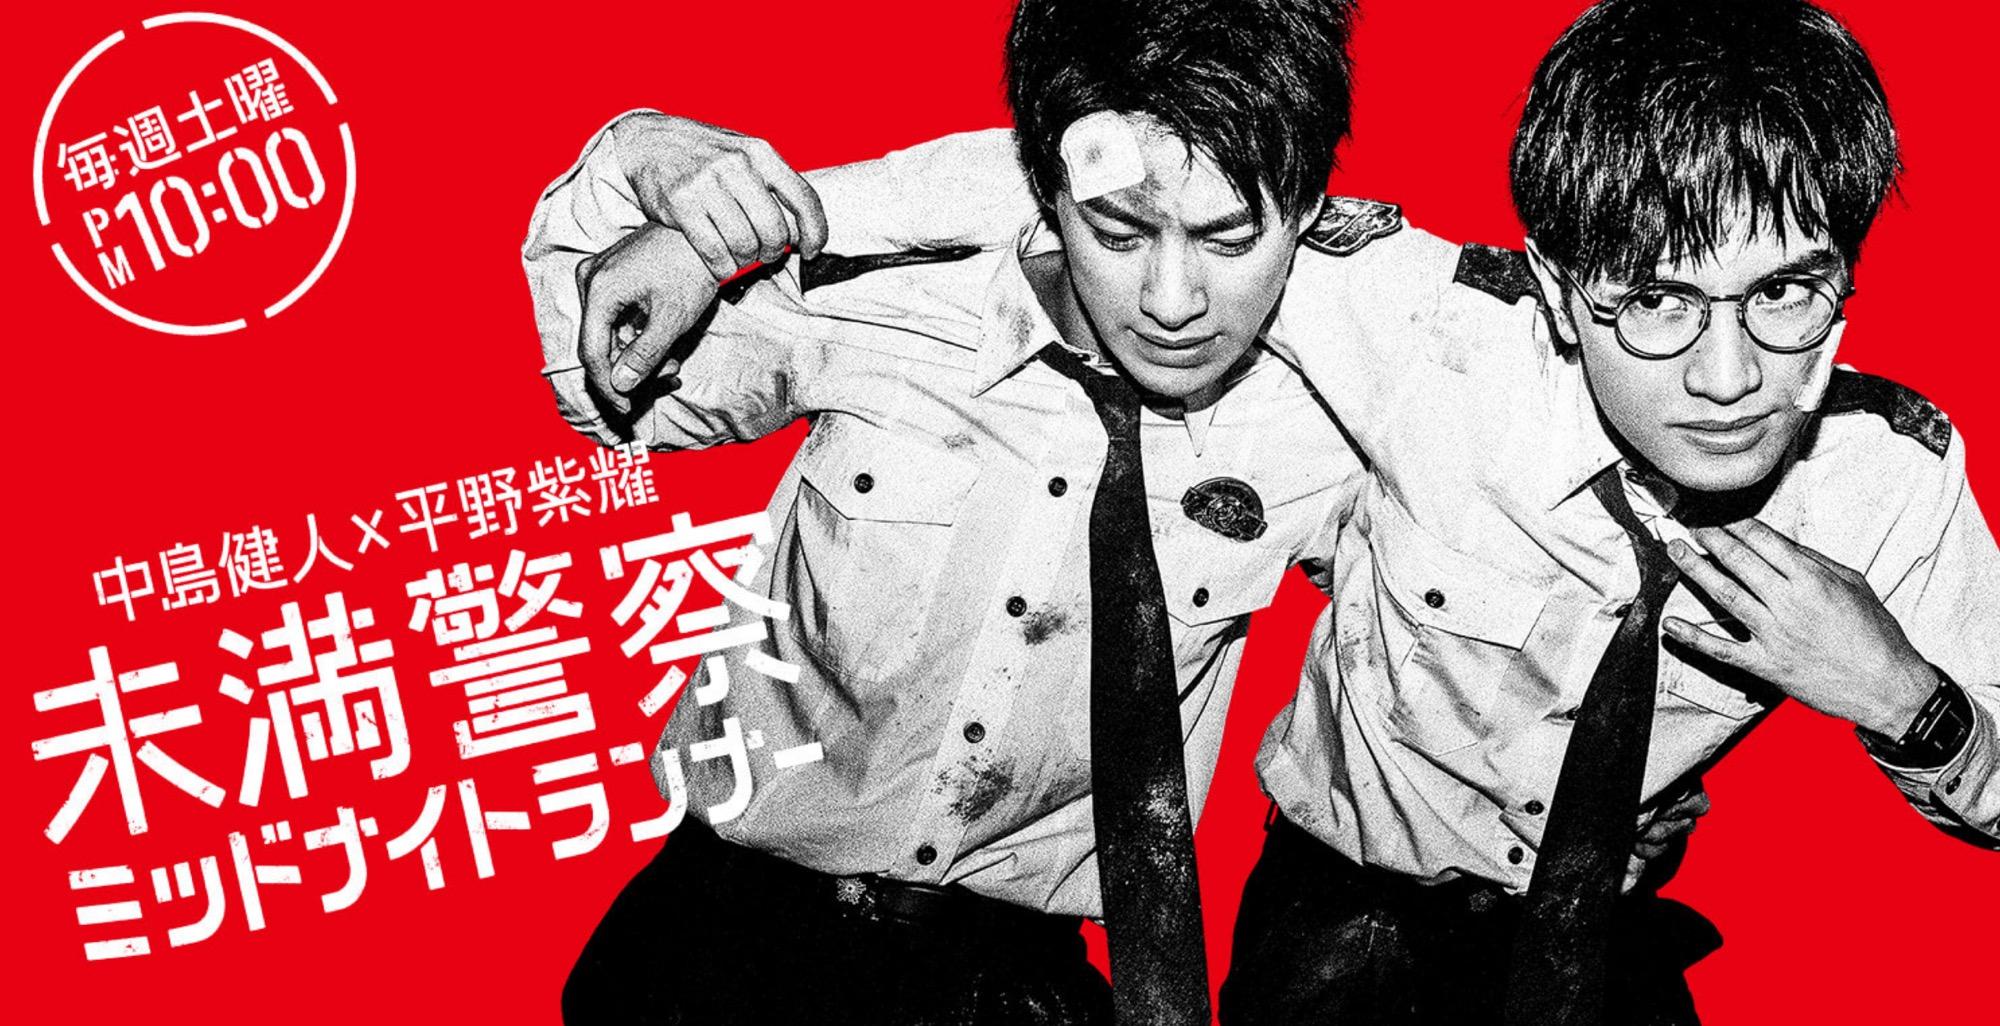 未満警察 ドラマ 動画 7話